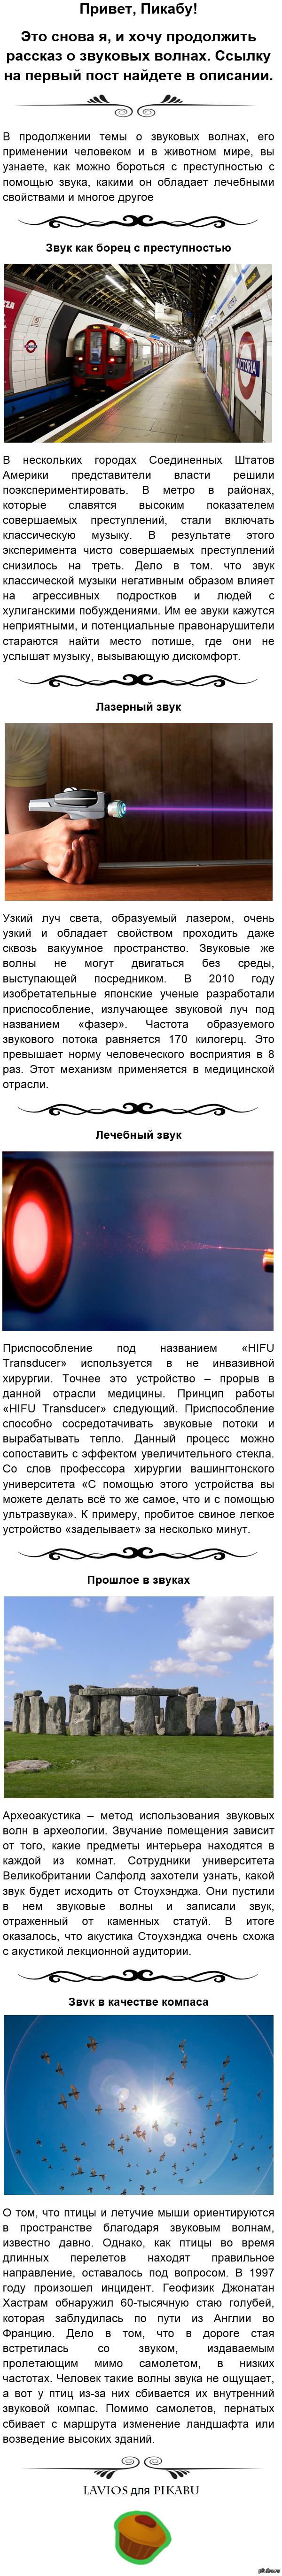 """Продолжение интересных свойств звуковых волн Первый пост: <a href=""""http://pikabu.ru/story/interesnyie_svoystva_zvukovyikh_voln_1908443"""">http://pikabu.ru/story/_1908443</a>"""